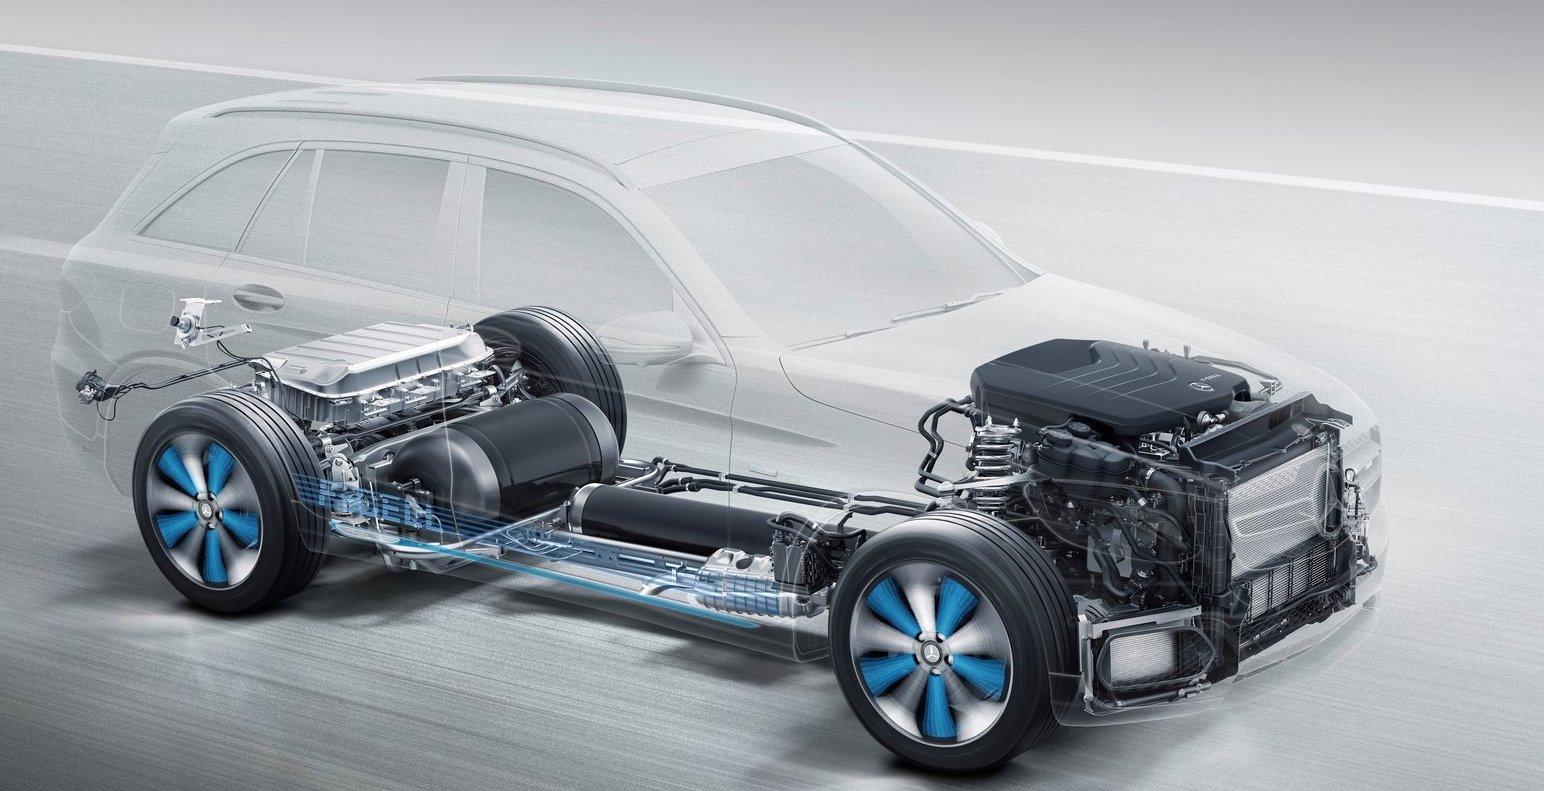 Mercedes GLC F-Cell tankas med vätgas men har även ett batteri som kan laddas och driva bilen i några mil, som en laddhybrid. Modellen är dyr att tillverka och läggs nu ned.